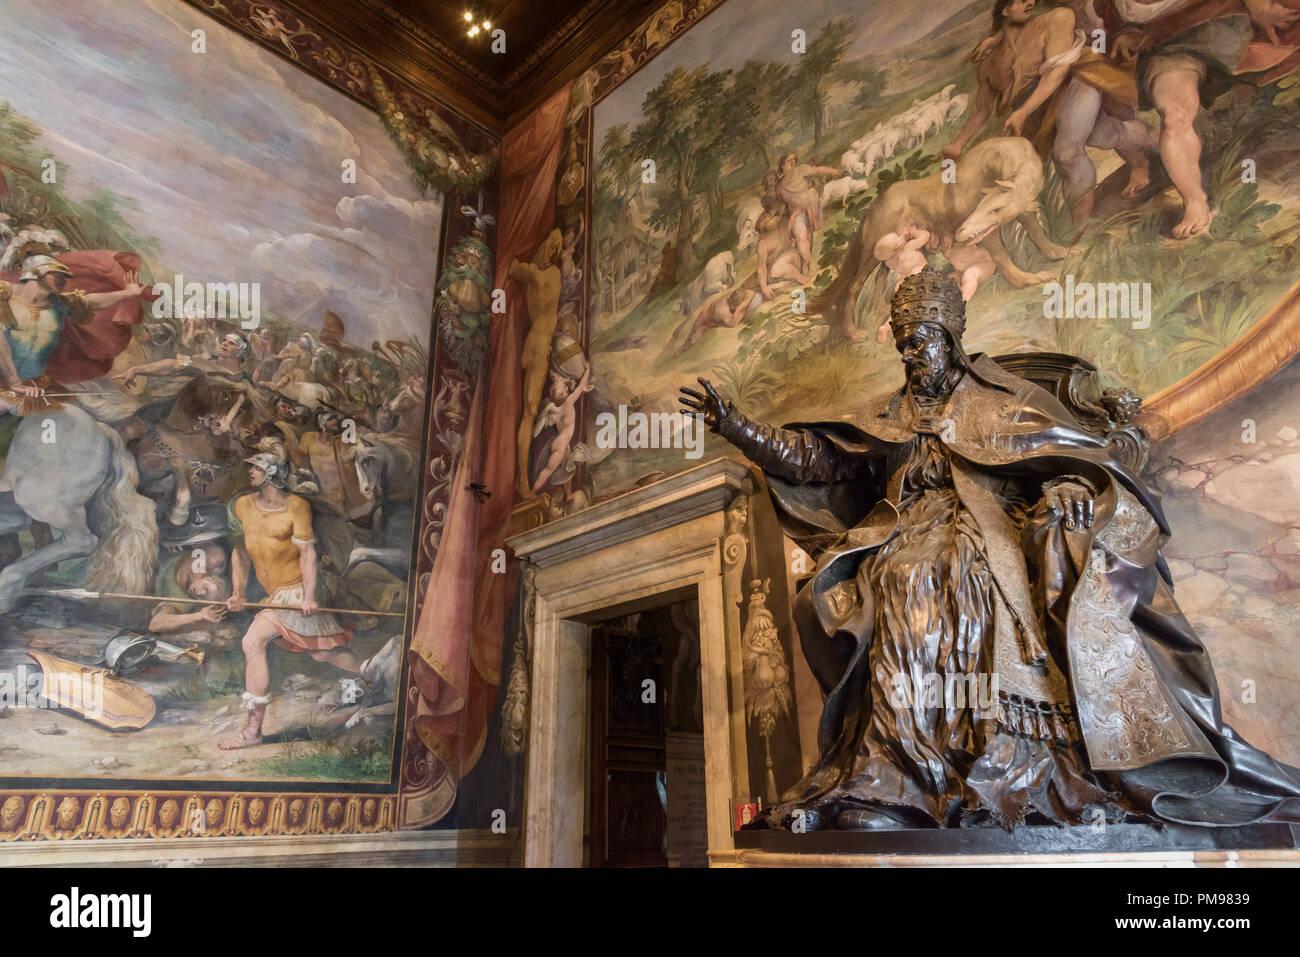 La statua di Papa Innocenzo X, Musei Capitolini di Roma, Italia Immagini Stock